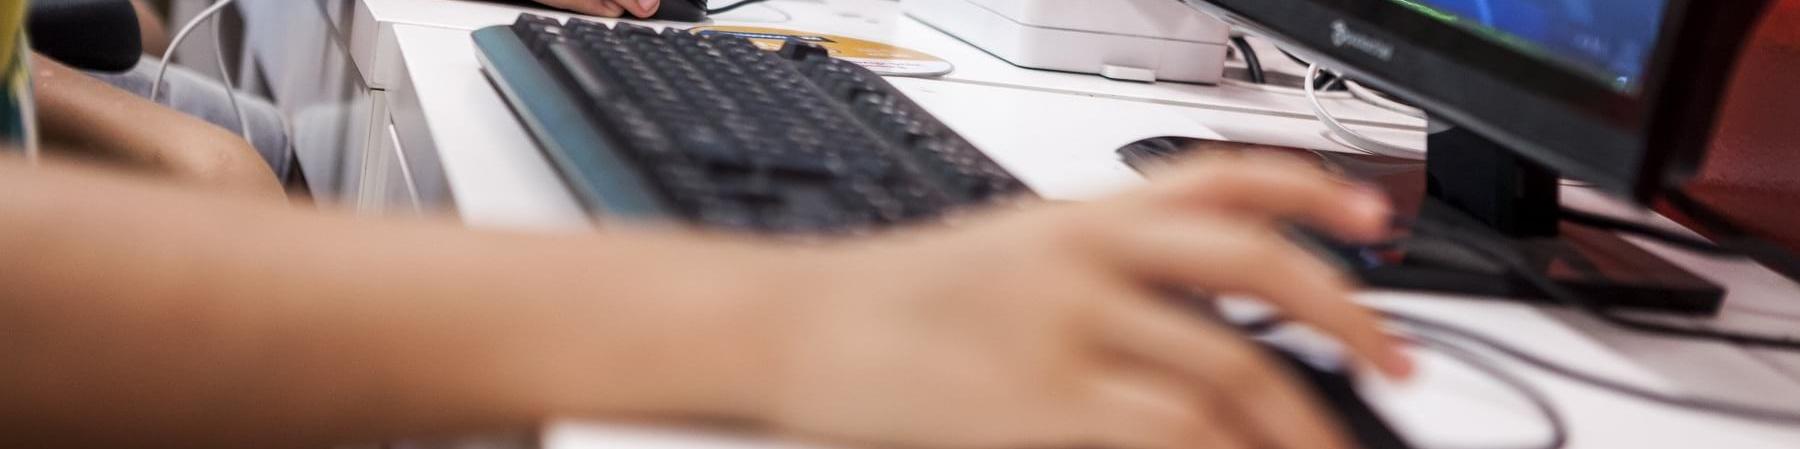 tavolo su cui sono posizionati vari computer con schermo, tastiera e mouse. Nell inquadratura alcune mani intente a lavorare con il mouse